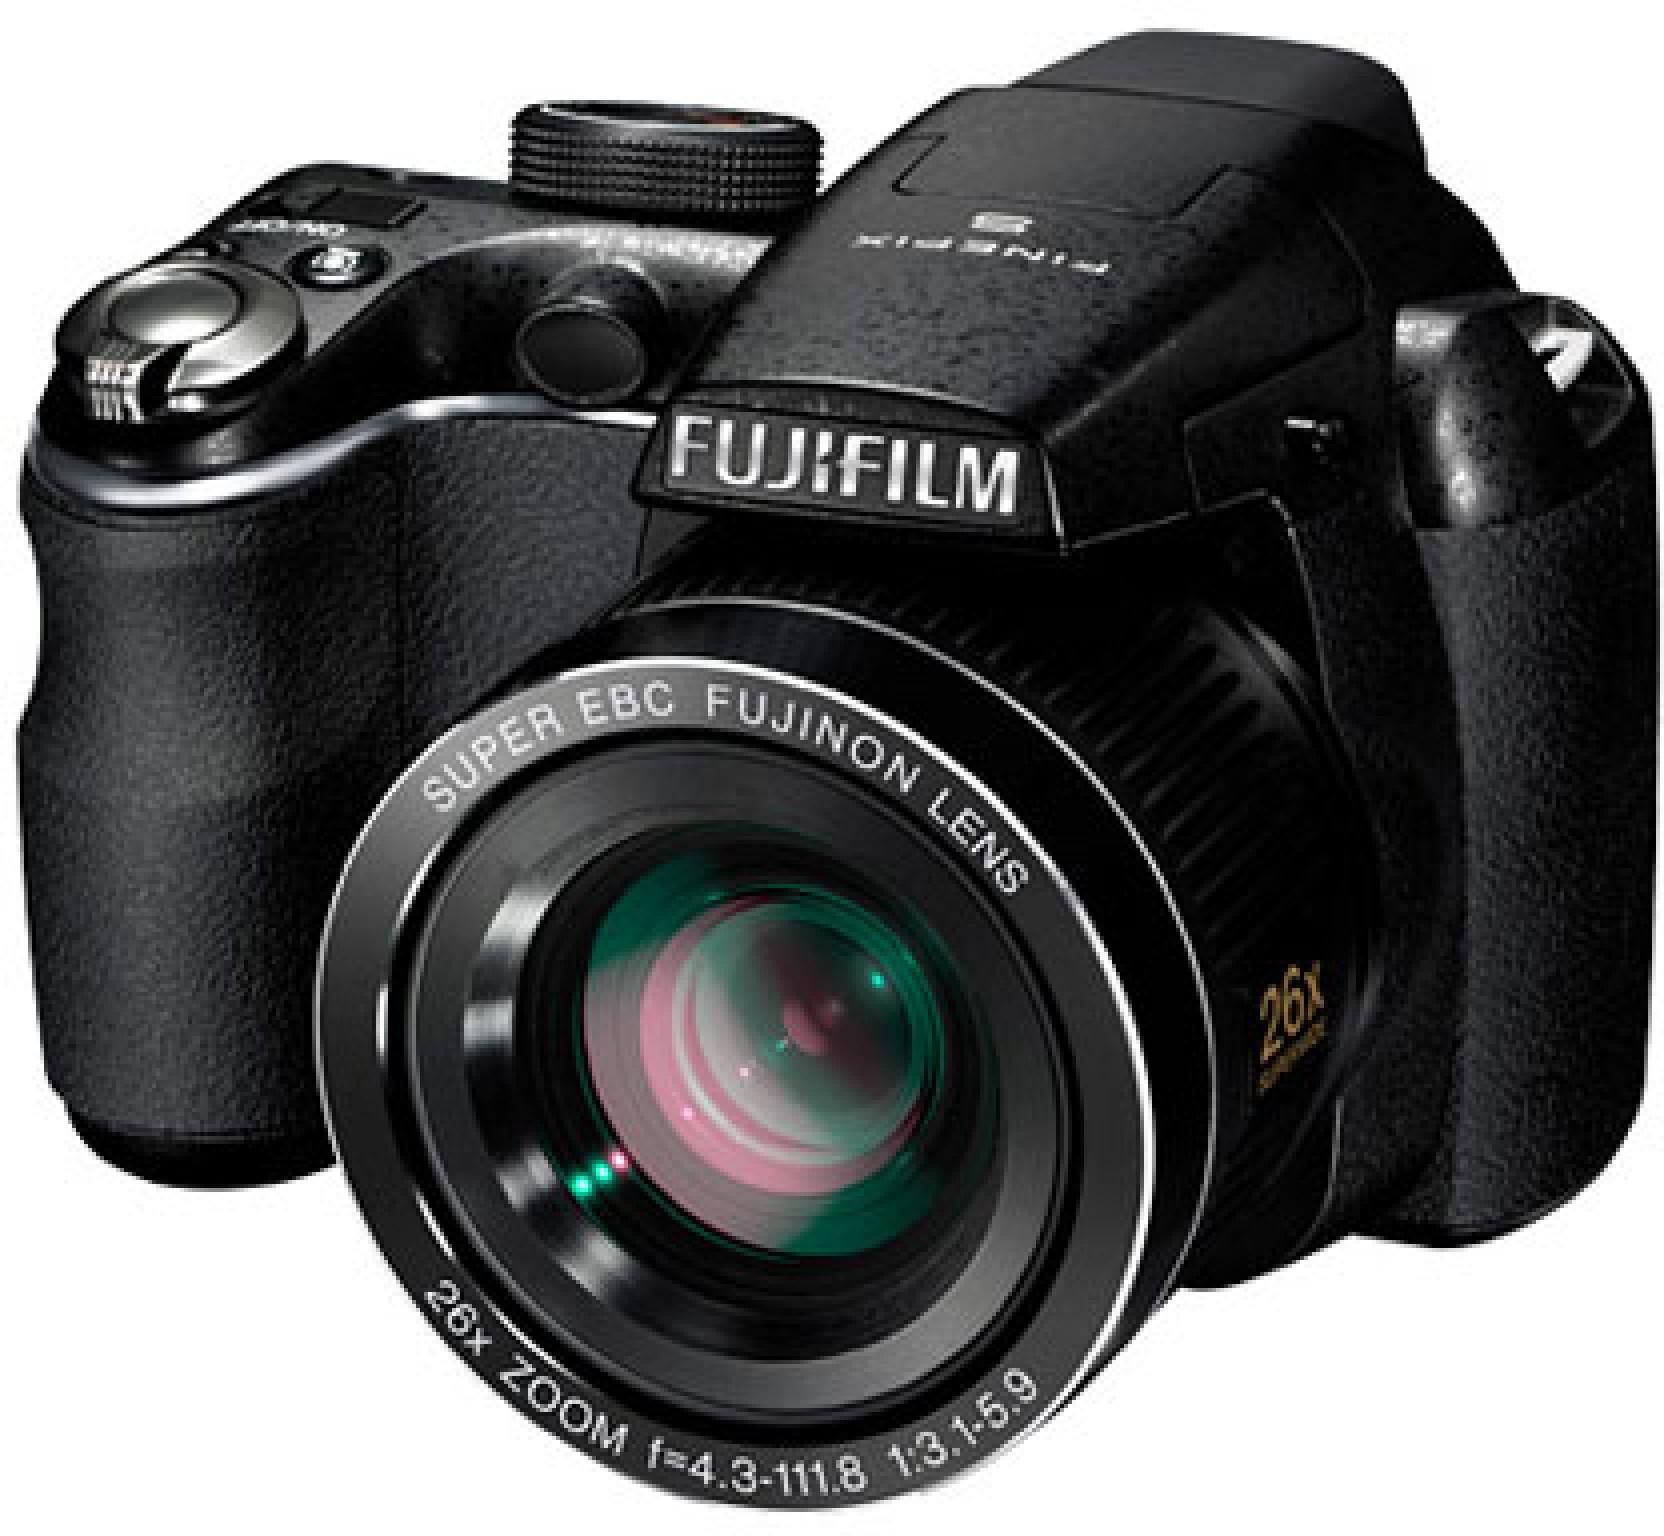 Fujifilm FinePix S3300 Point & Shoot Camera. Compare